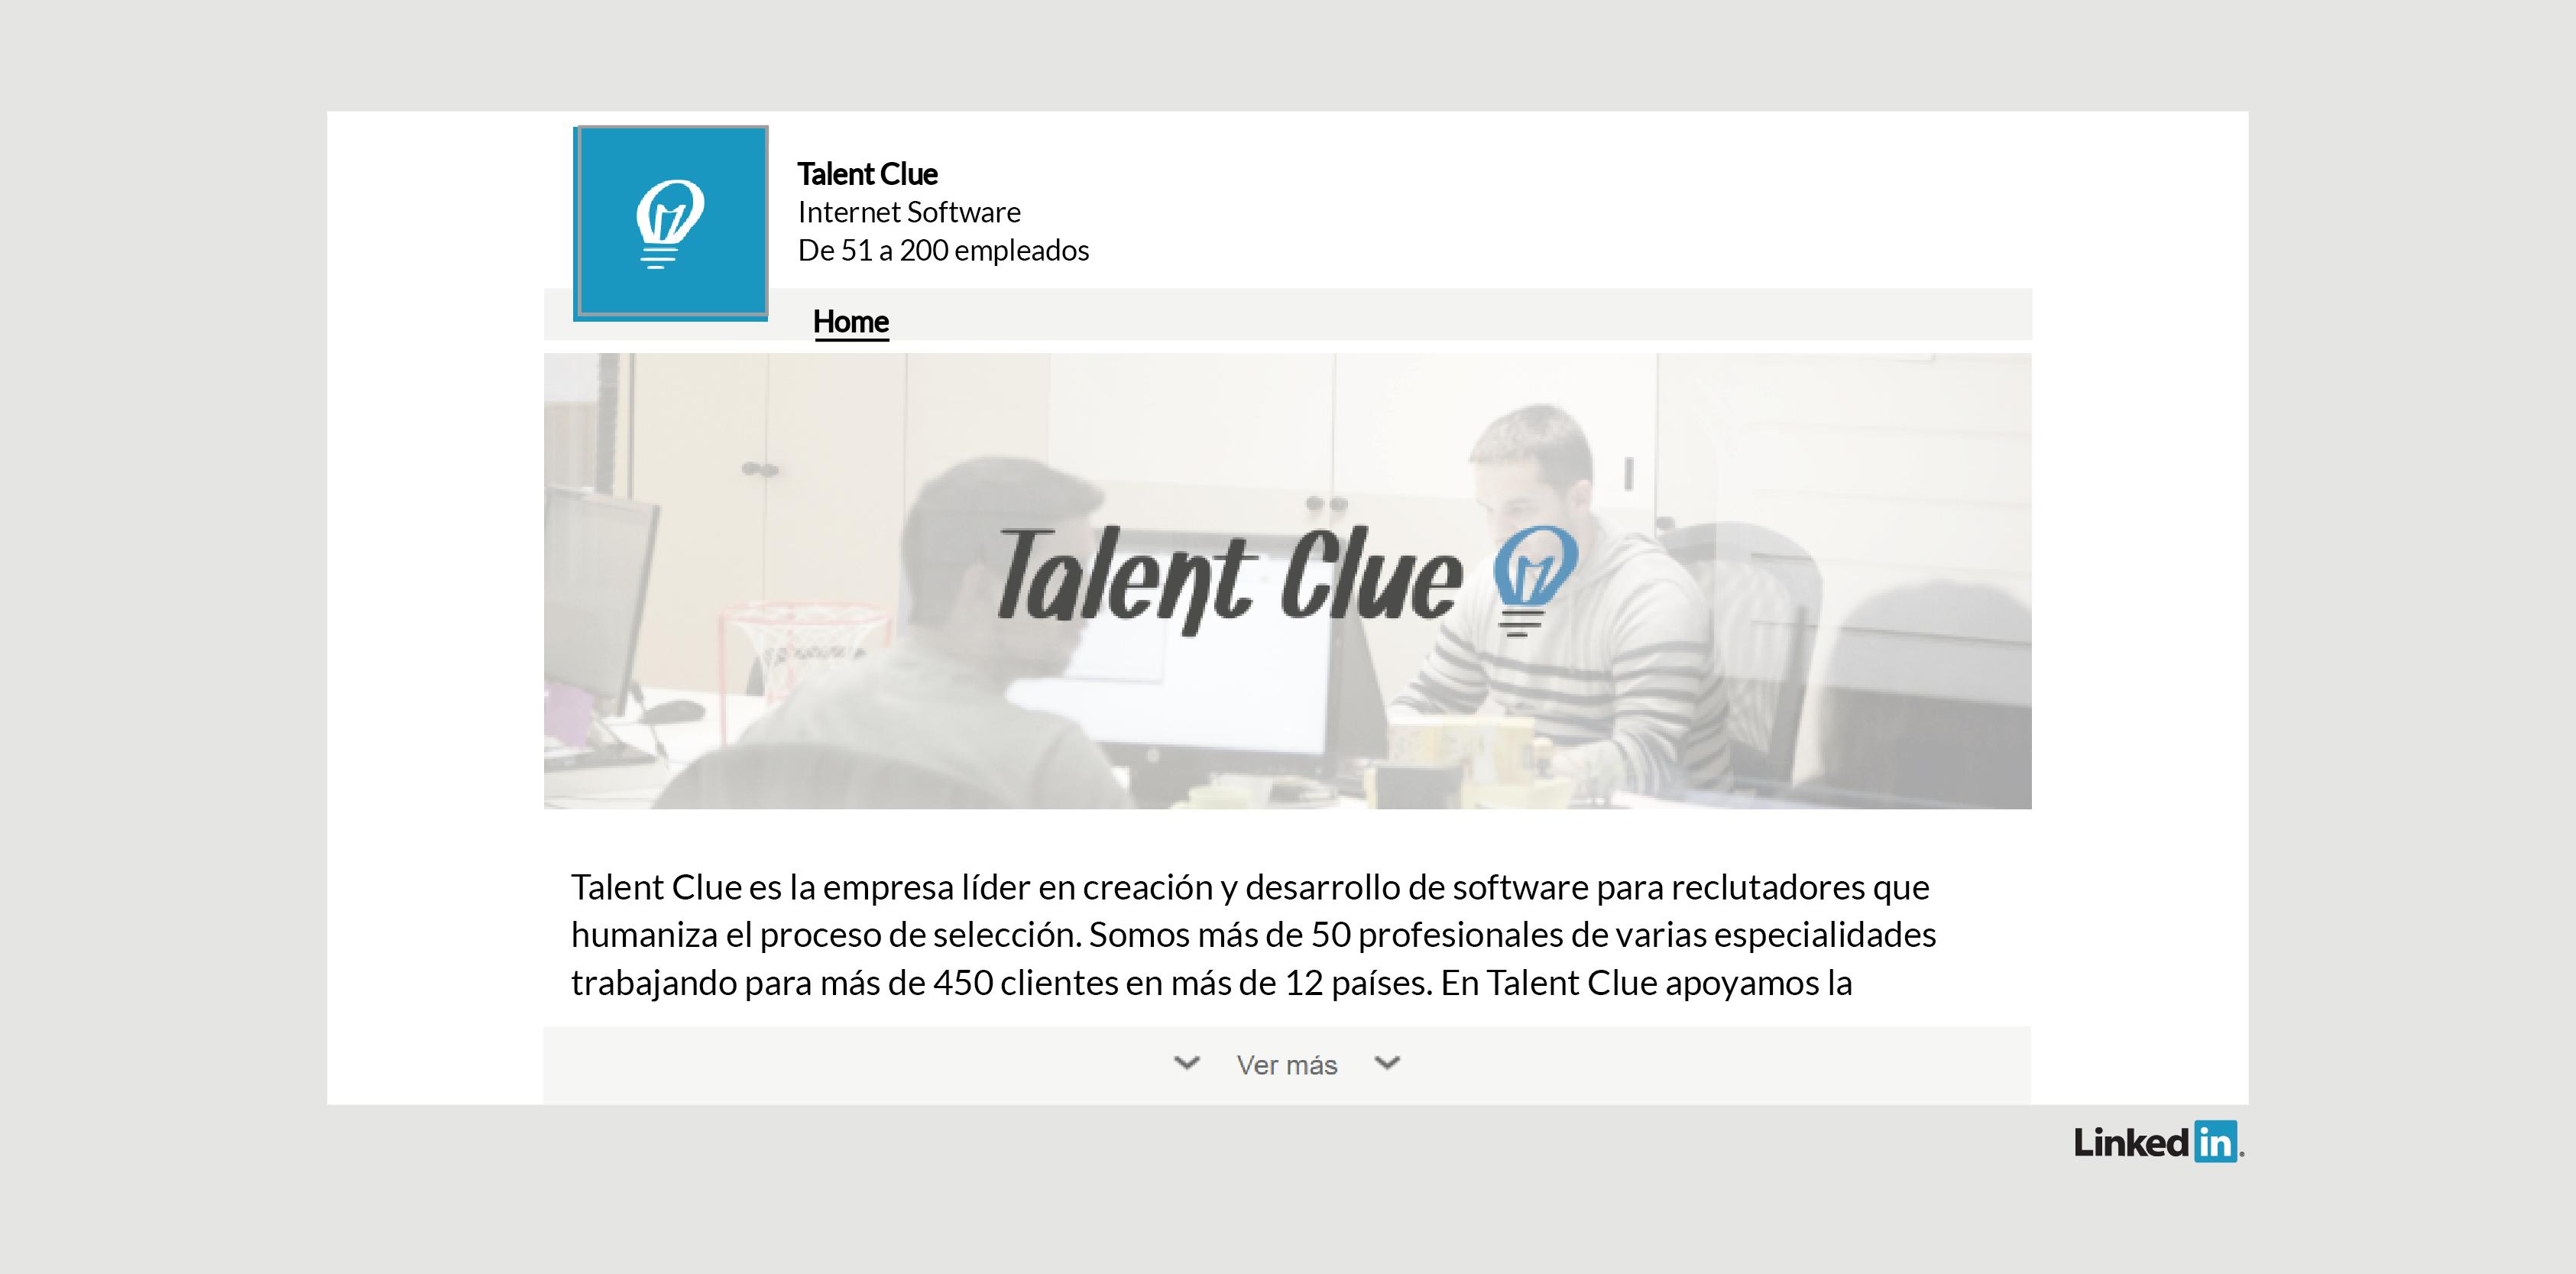 Perfil de LinkedIn de Talent Clue